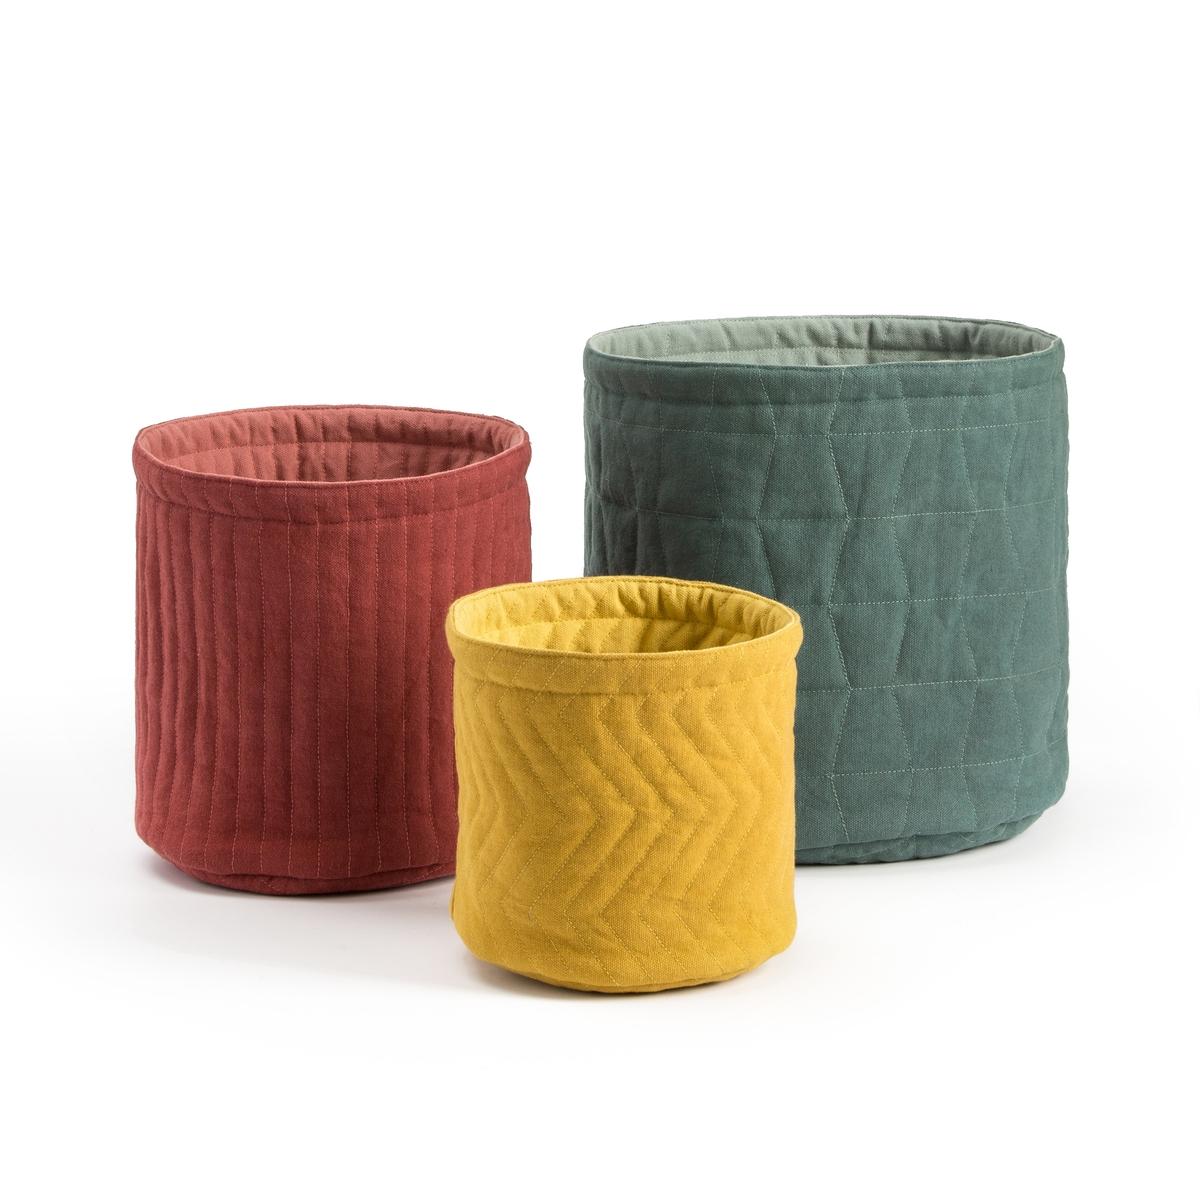 Комплект из корзин из La Redoute Хлопка двухсторонних Issa единый размер разноцветный